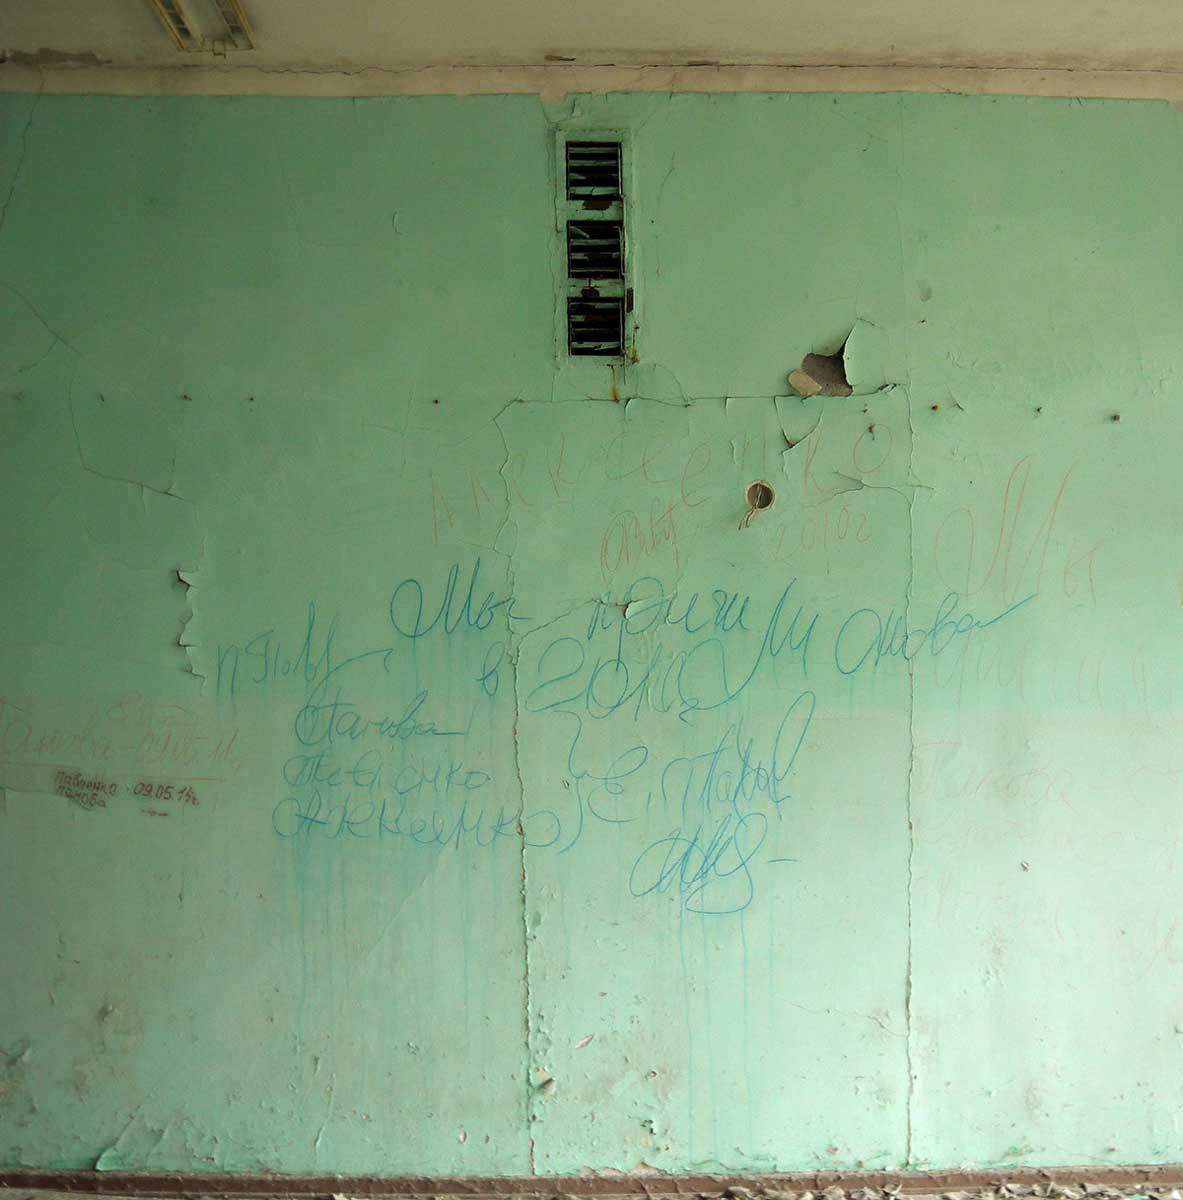 chernobyl-11